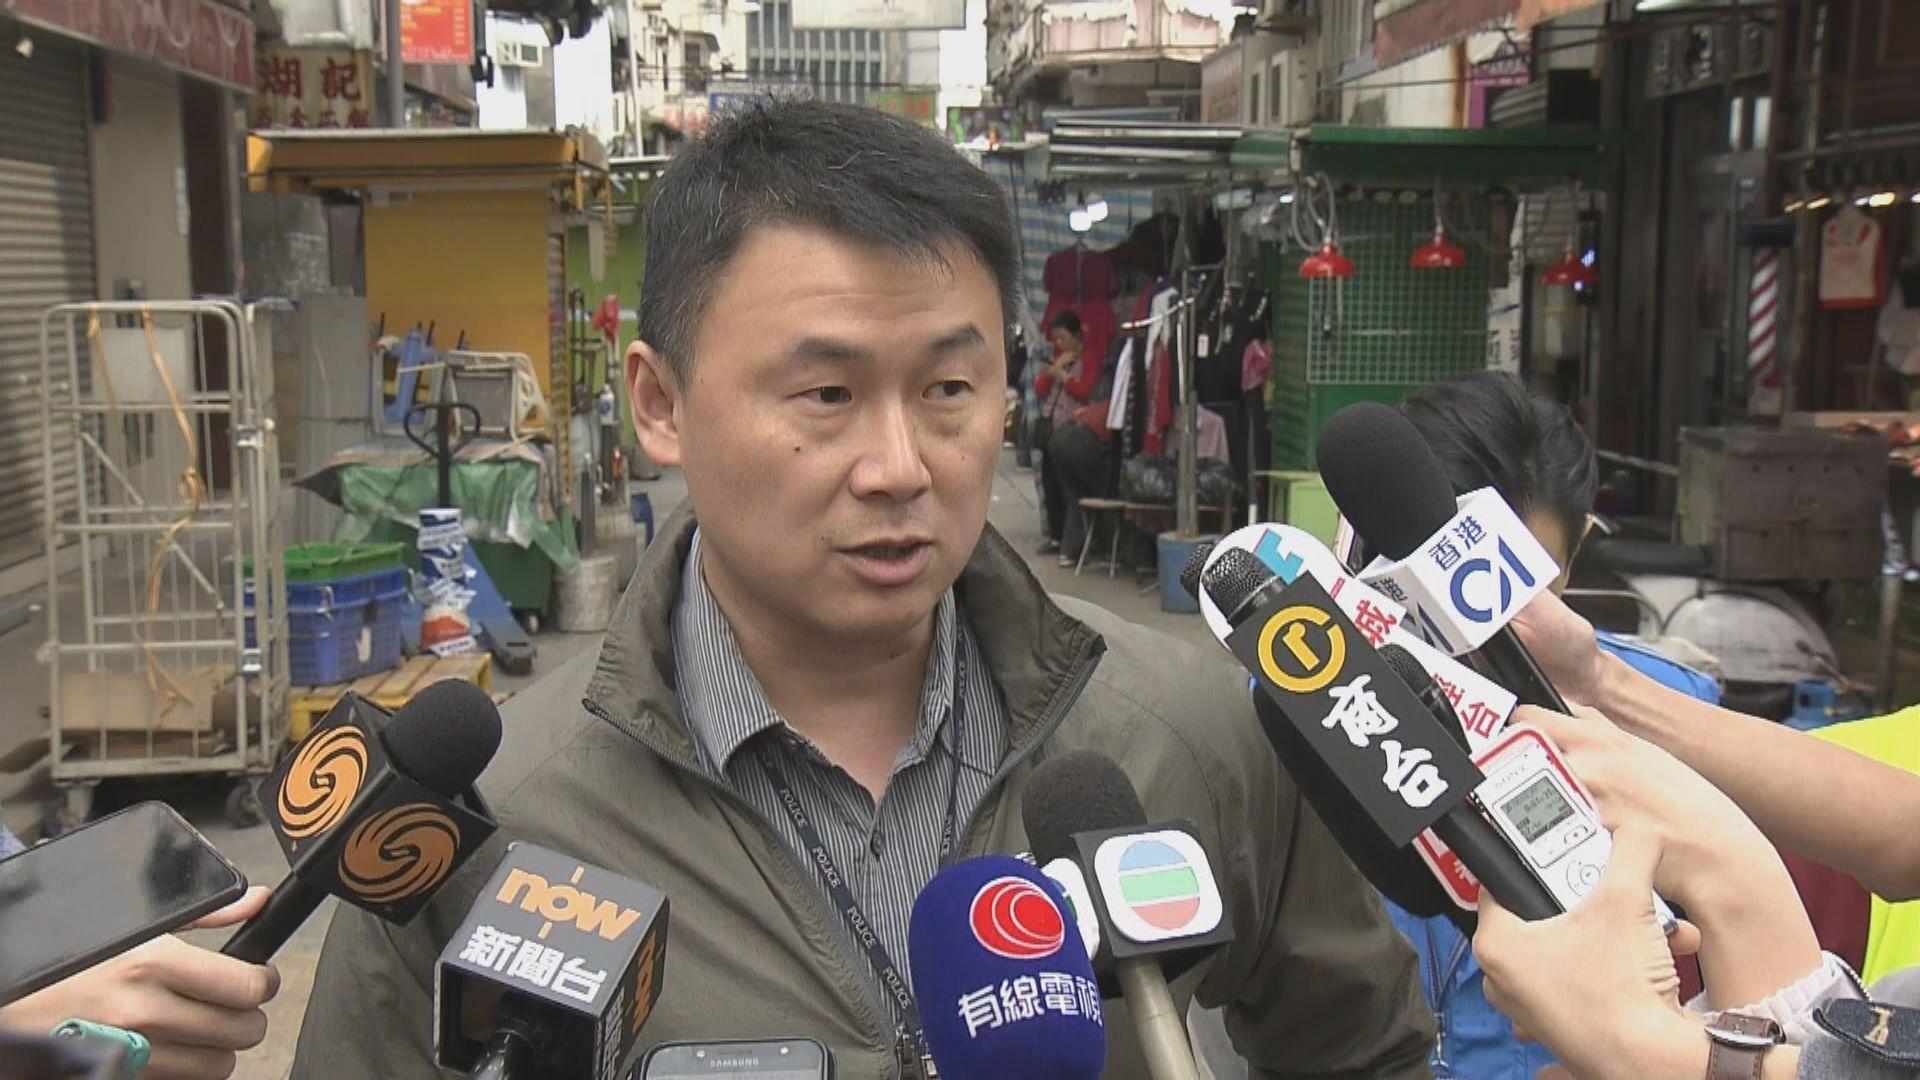 警方指持刀男子與食品公司經理曾有糾紛